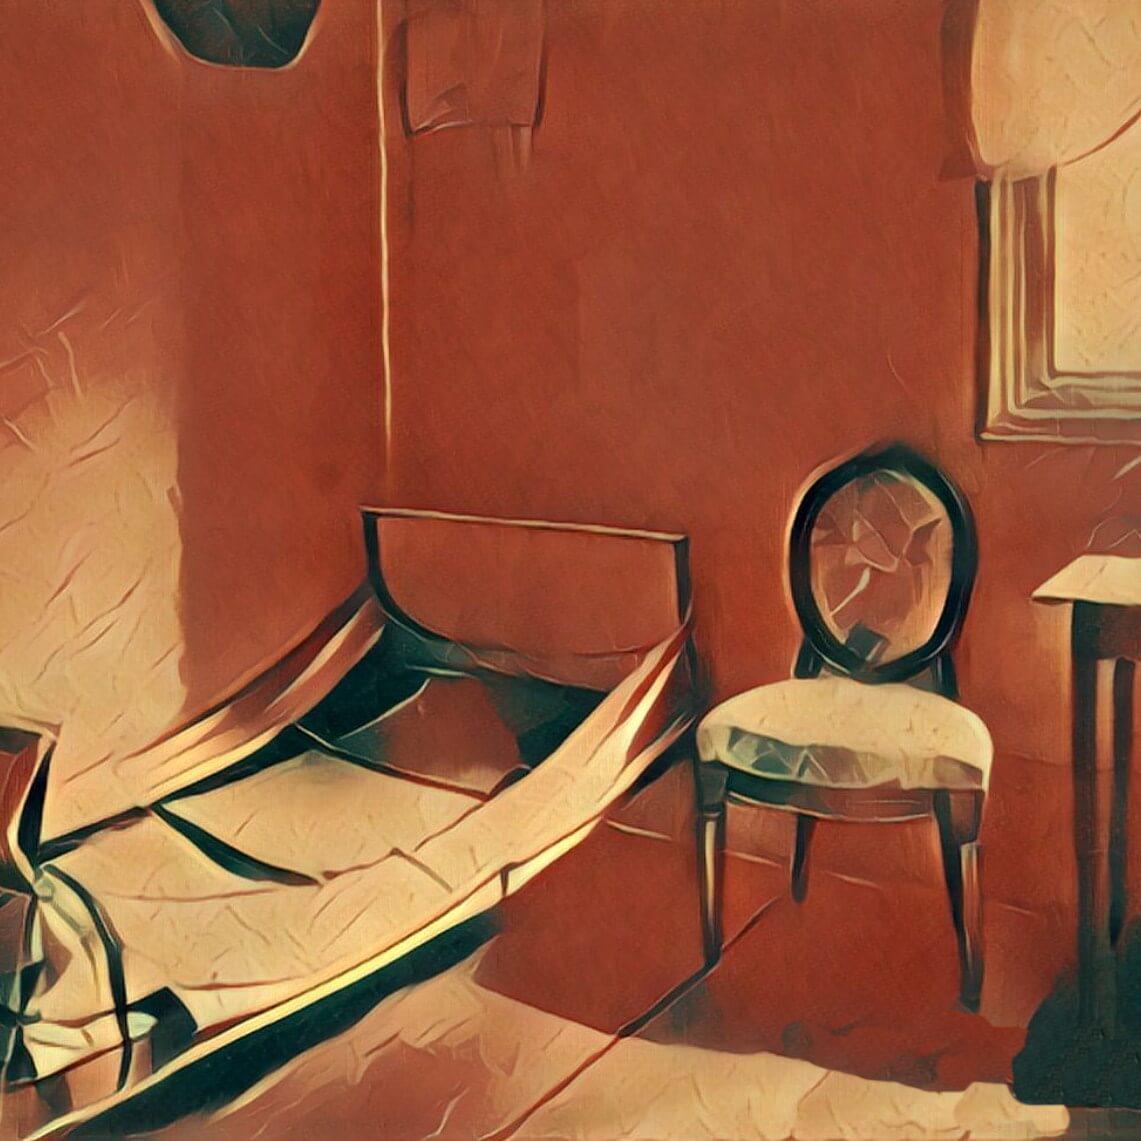 Schlafzimmer Traumdeutung